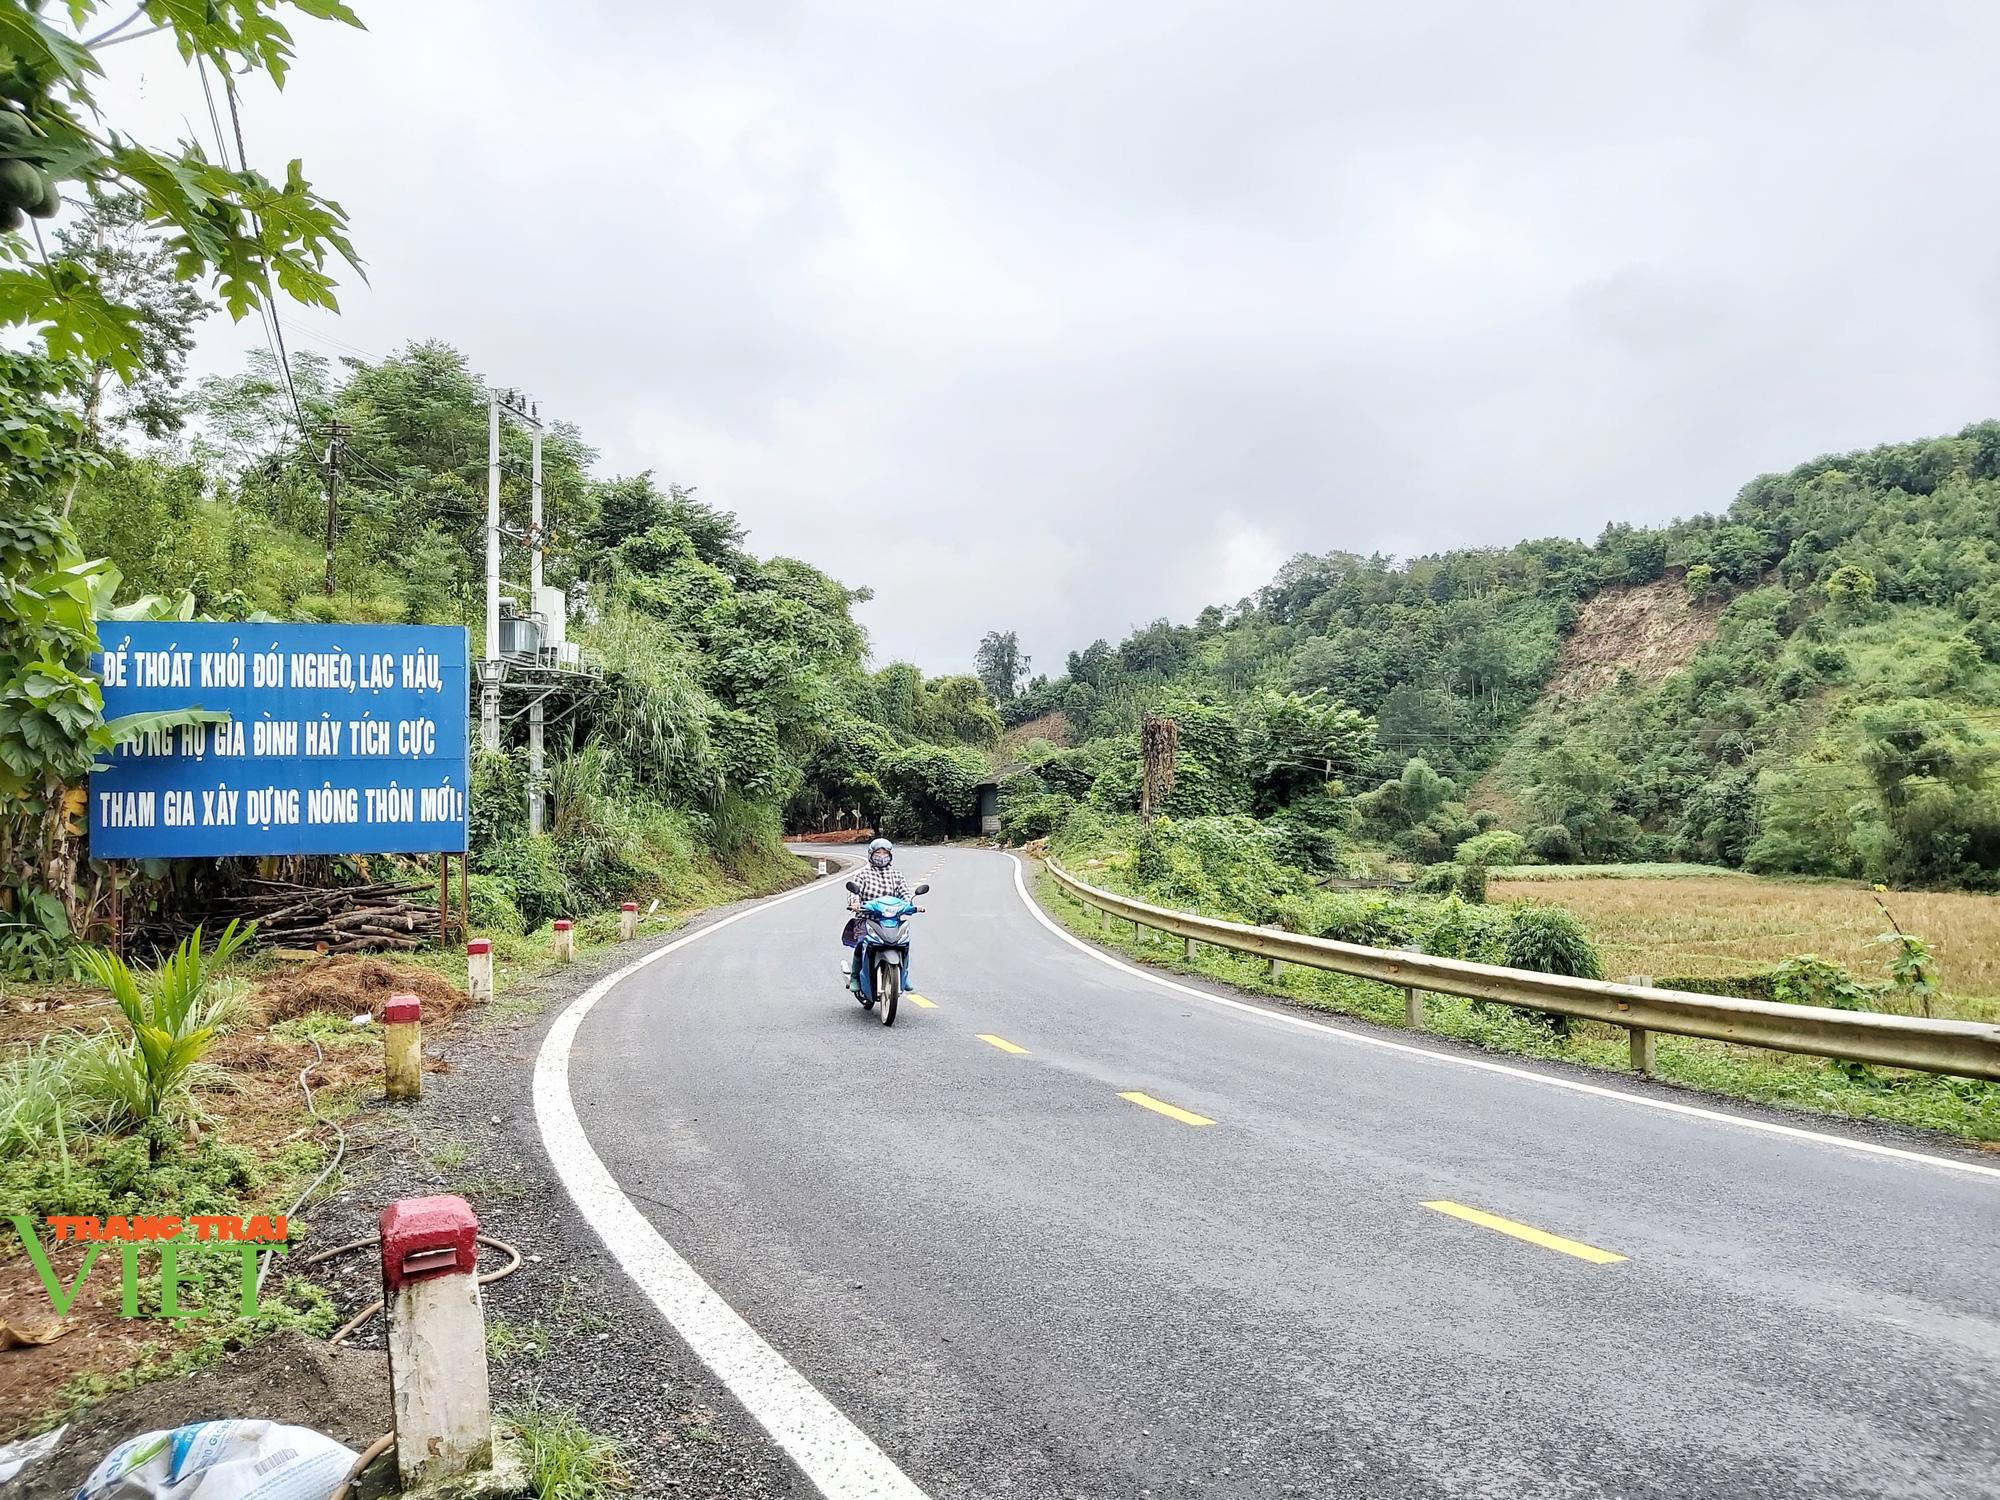 Lào Cai: Sức sống mới ở xã vùng cao Xuân Quang - Ảnh 1.